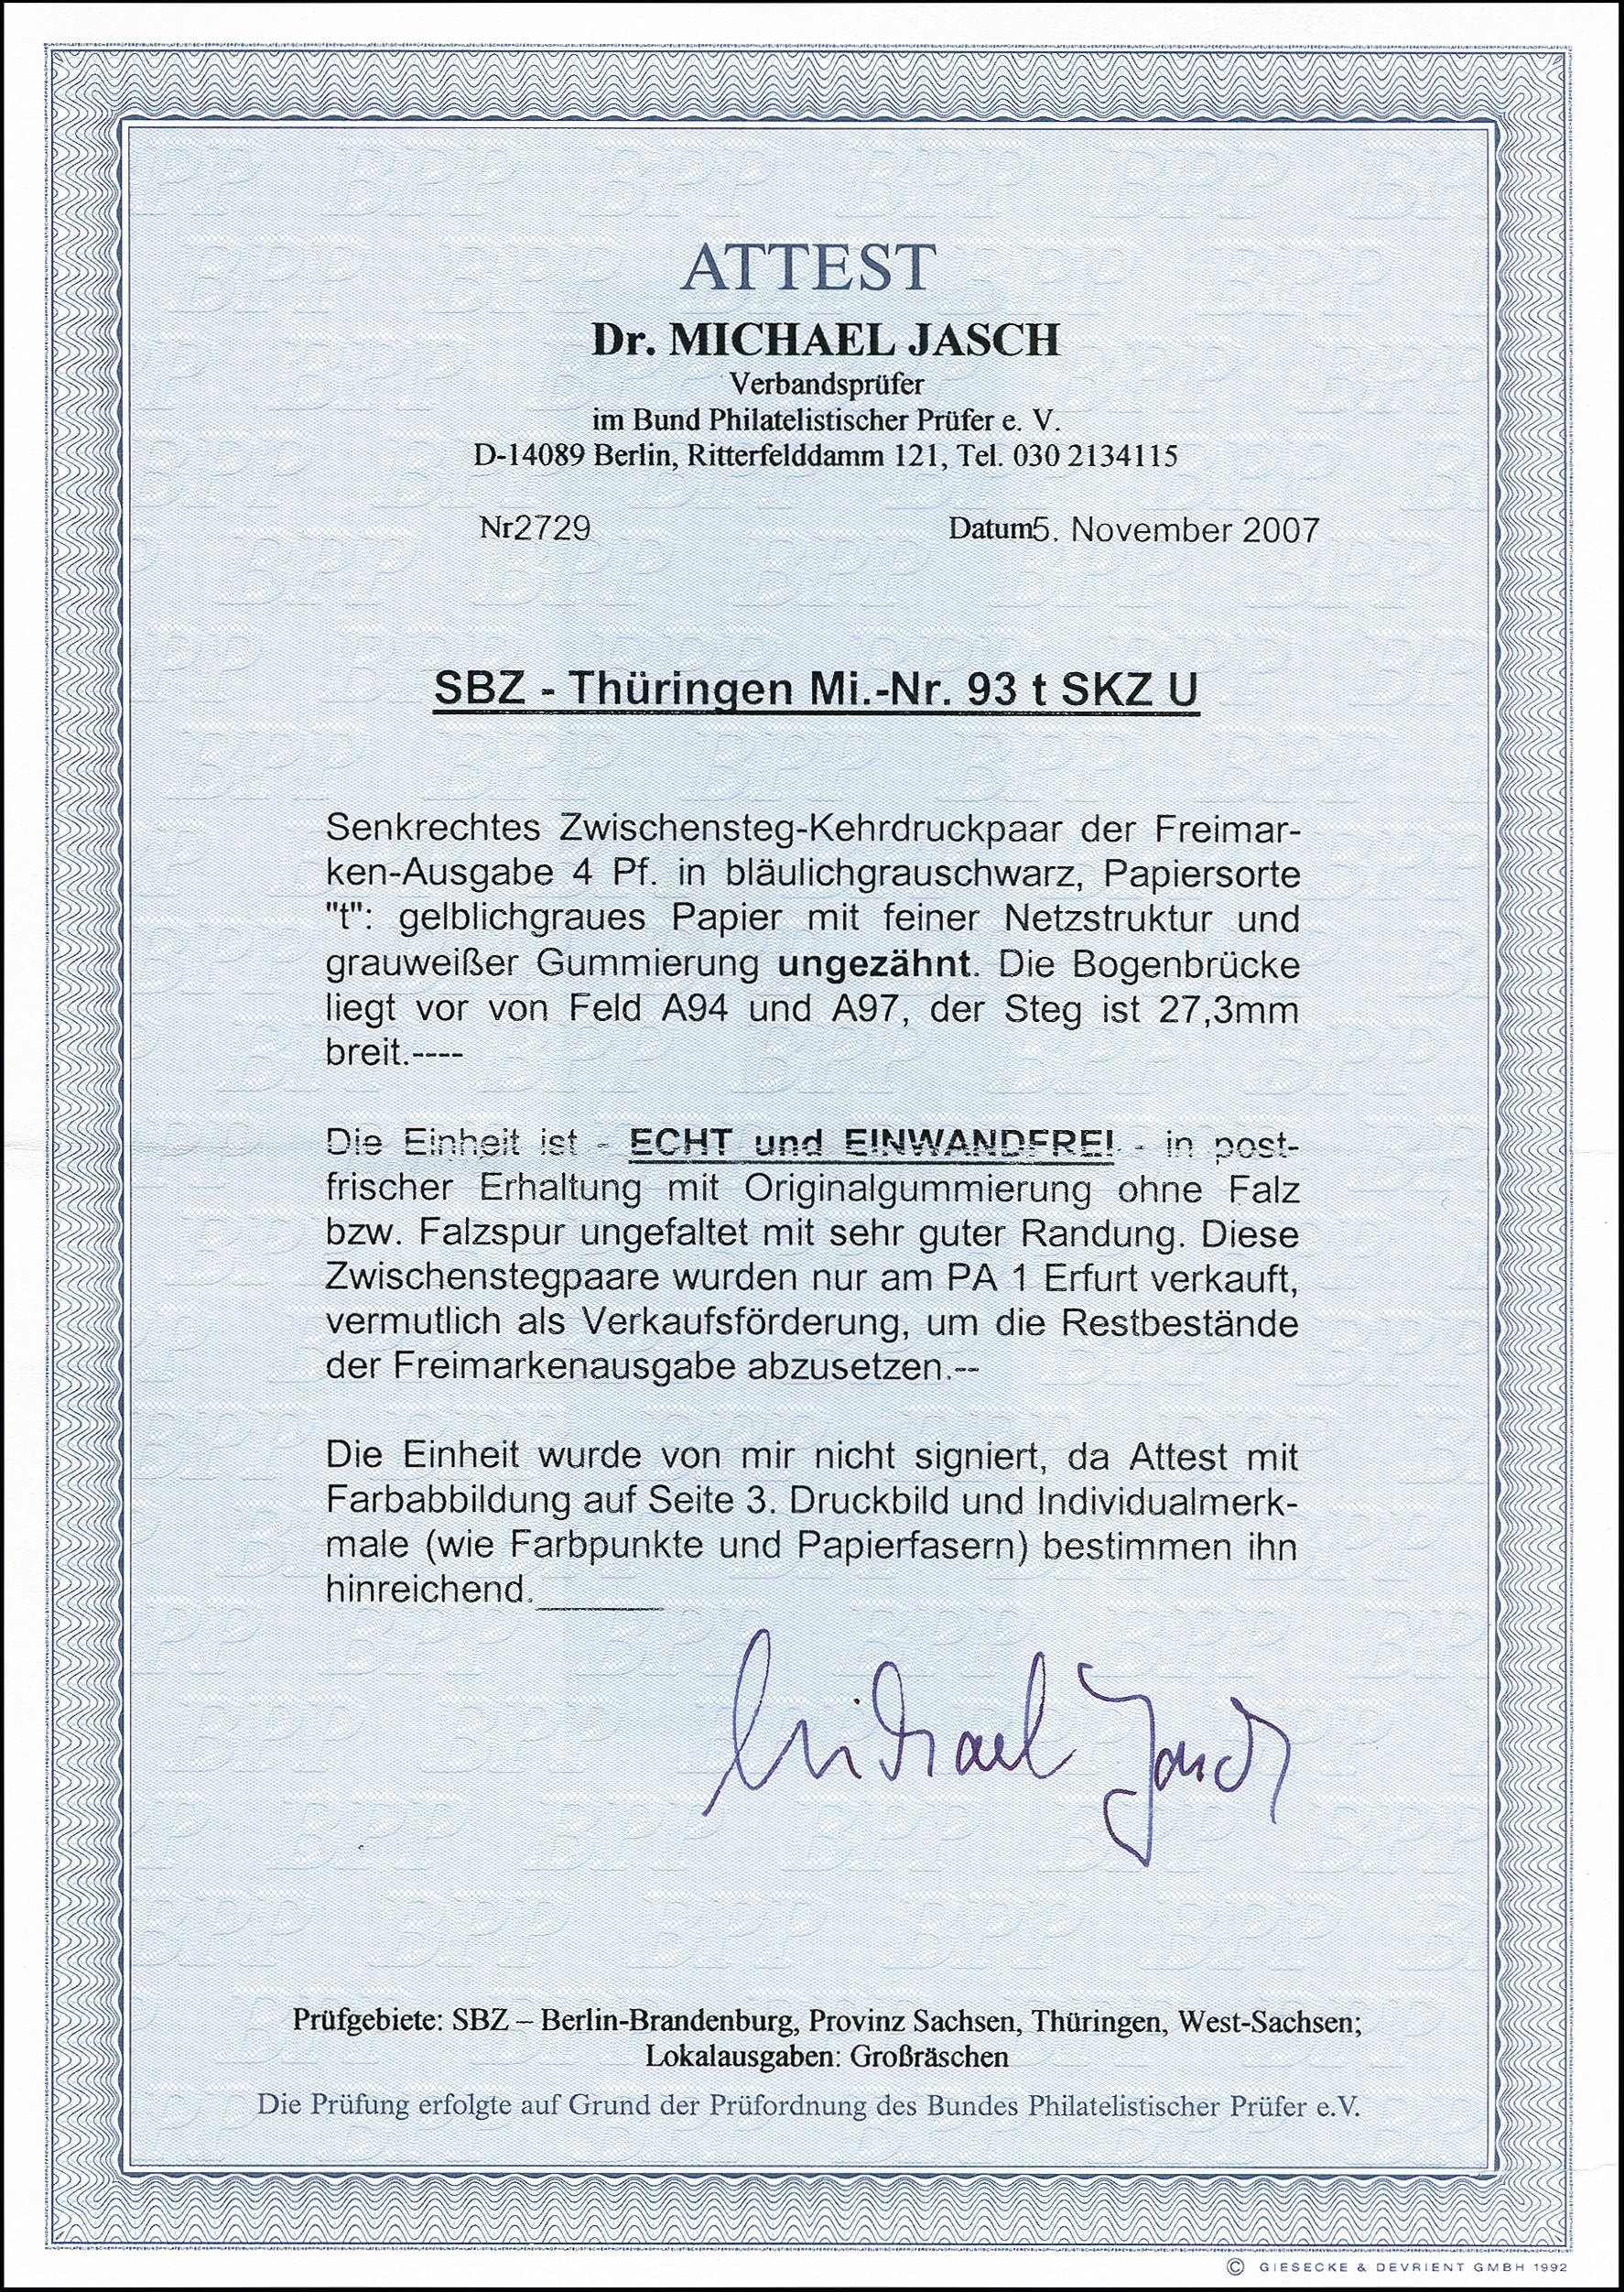 Lot 2181 - sbz (soviet occupation zone) thuringia -  Heinrich Koehler Auktionen 373rd Heinrich Köhler auction - Day 4